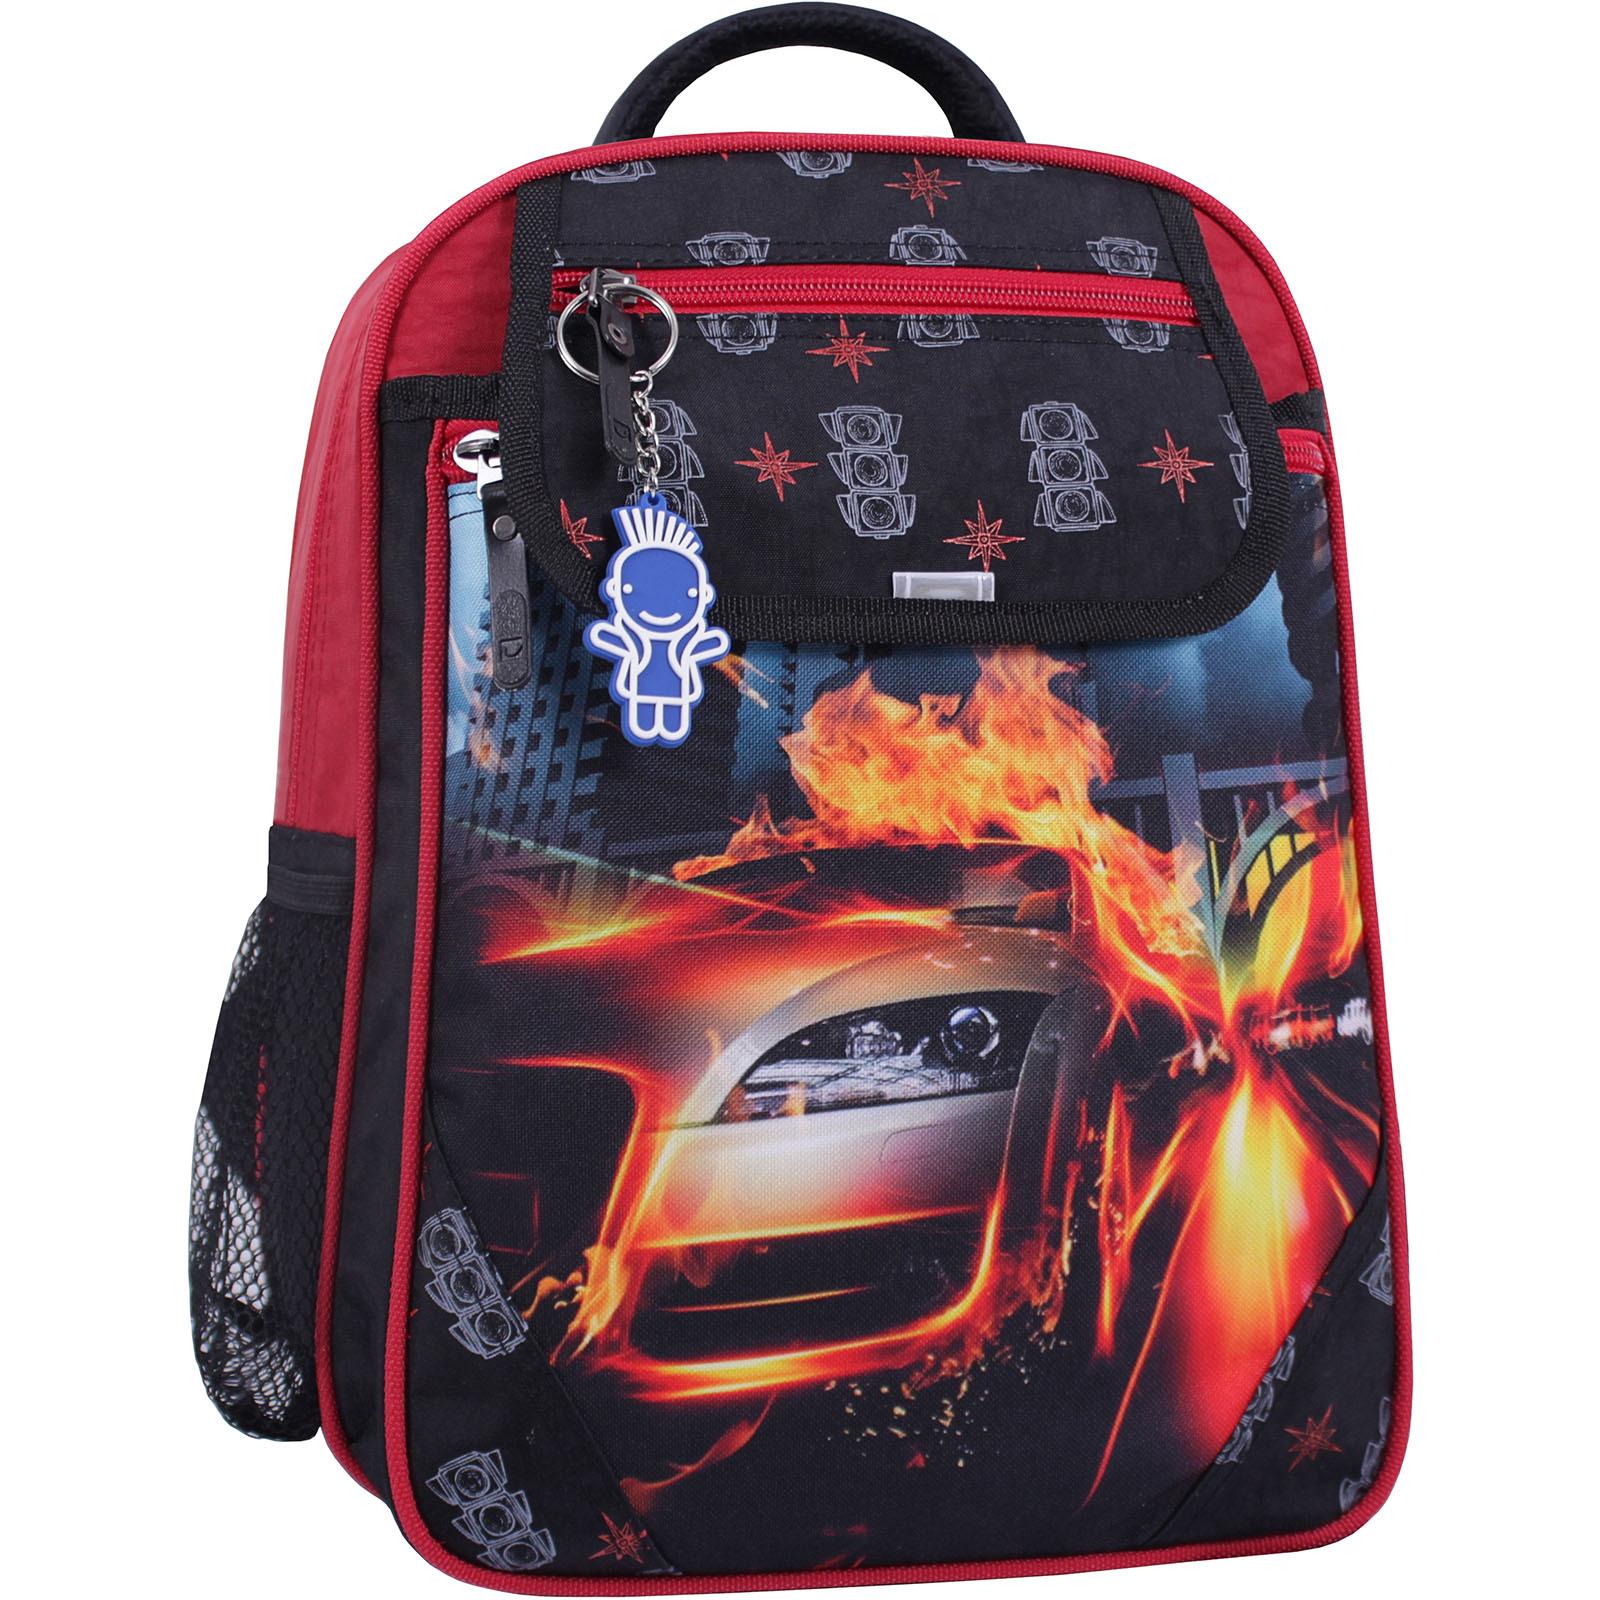 Рюкзак школьный Bagland Отличник 20 л. черный 500 (0058070) фото 1